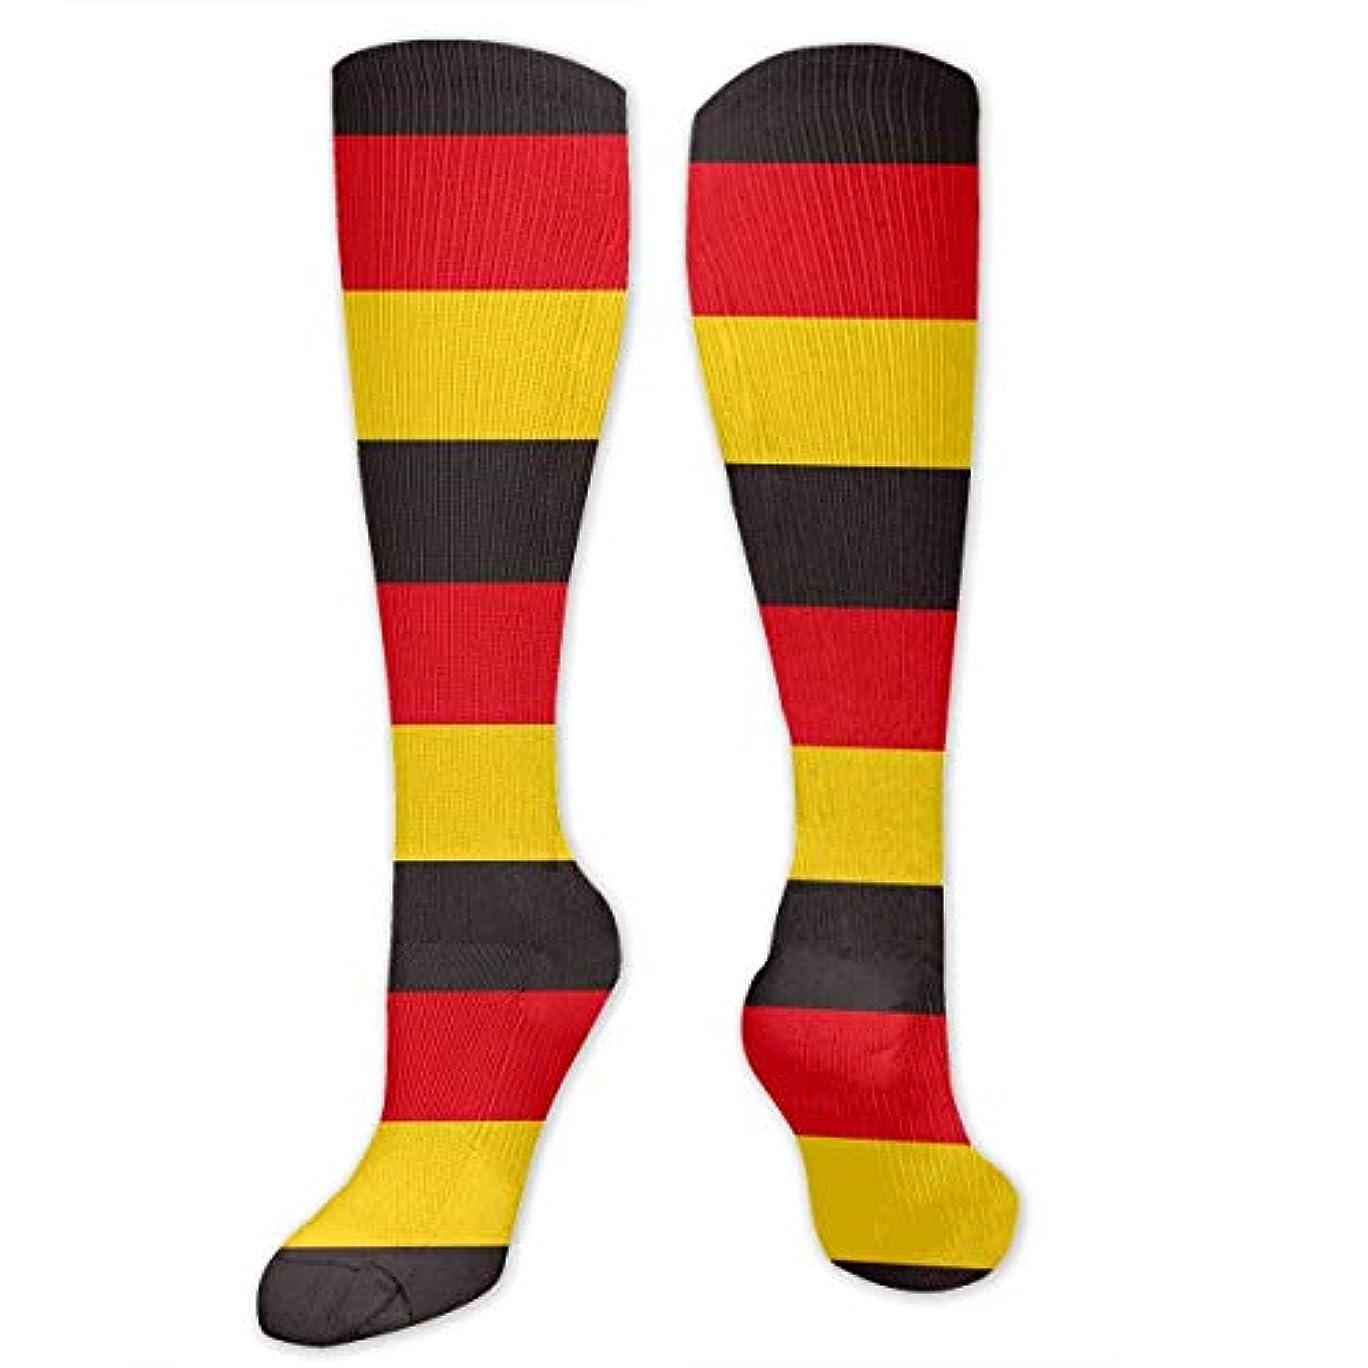 応じる戦略敵意QRRIYメンズドイツフラグストラップ3 D長いクルー靴下-最高のストッキング実行/医療/運動/浮腫/糖尿病/静脈瘤/旅行/妊娠/シンスプライン